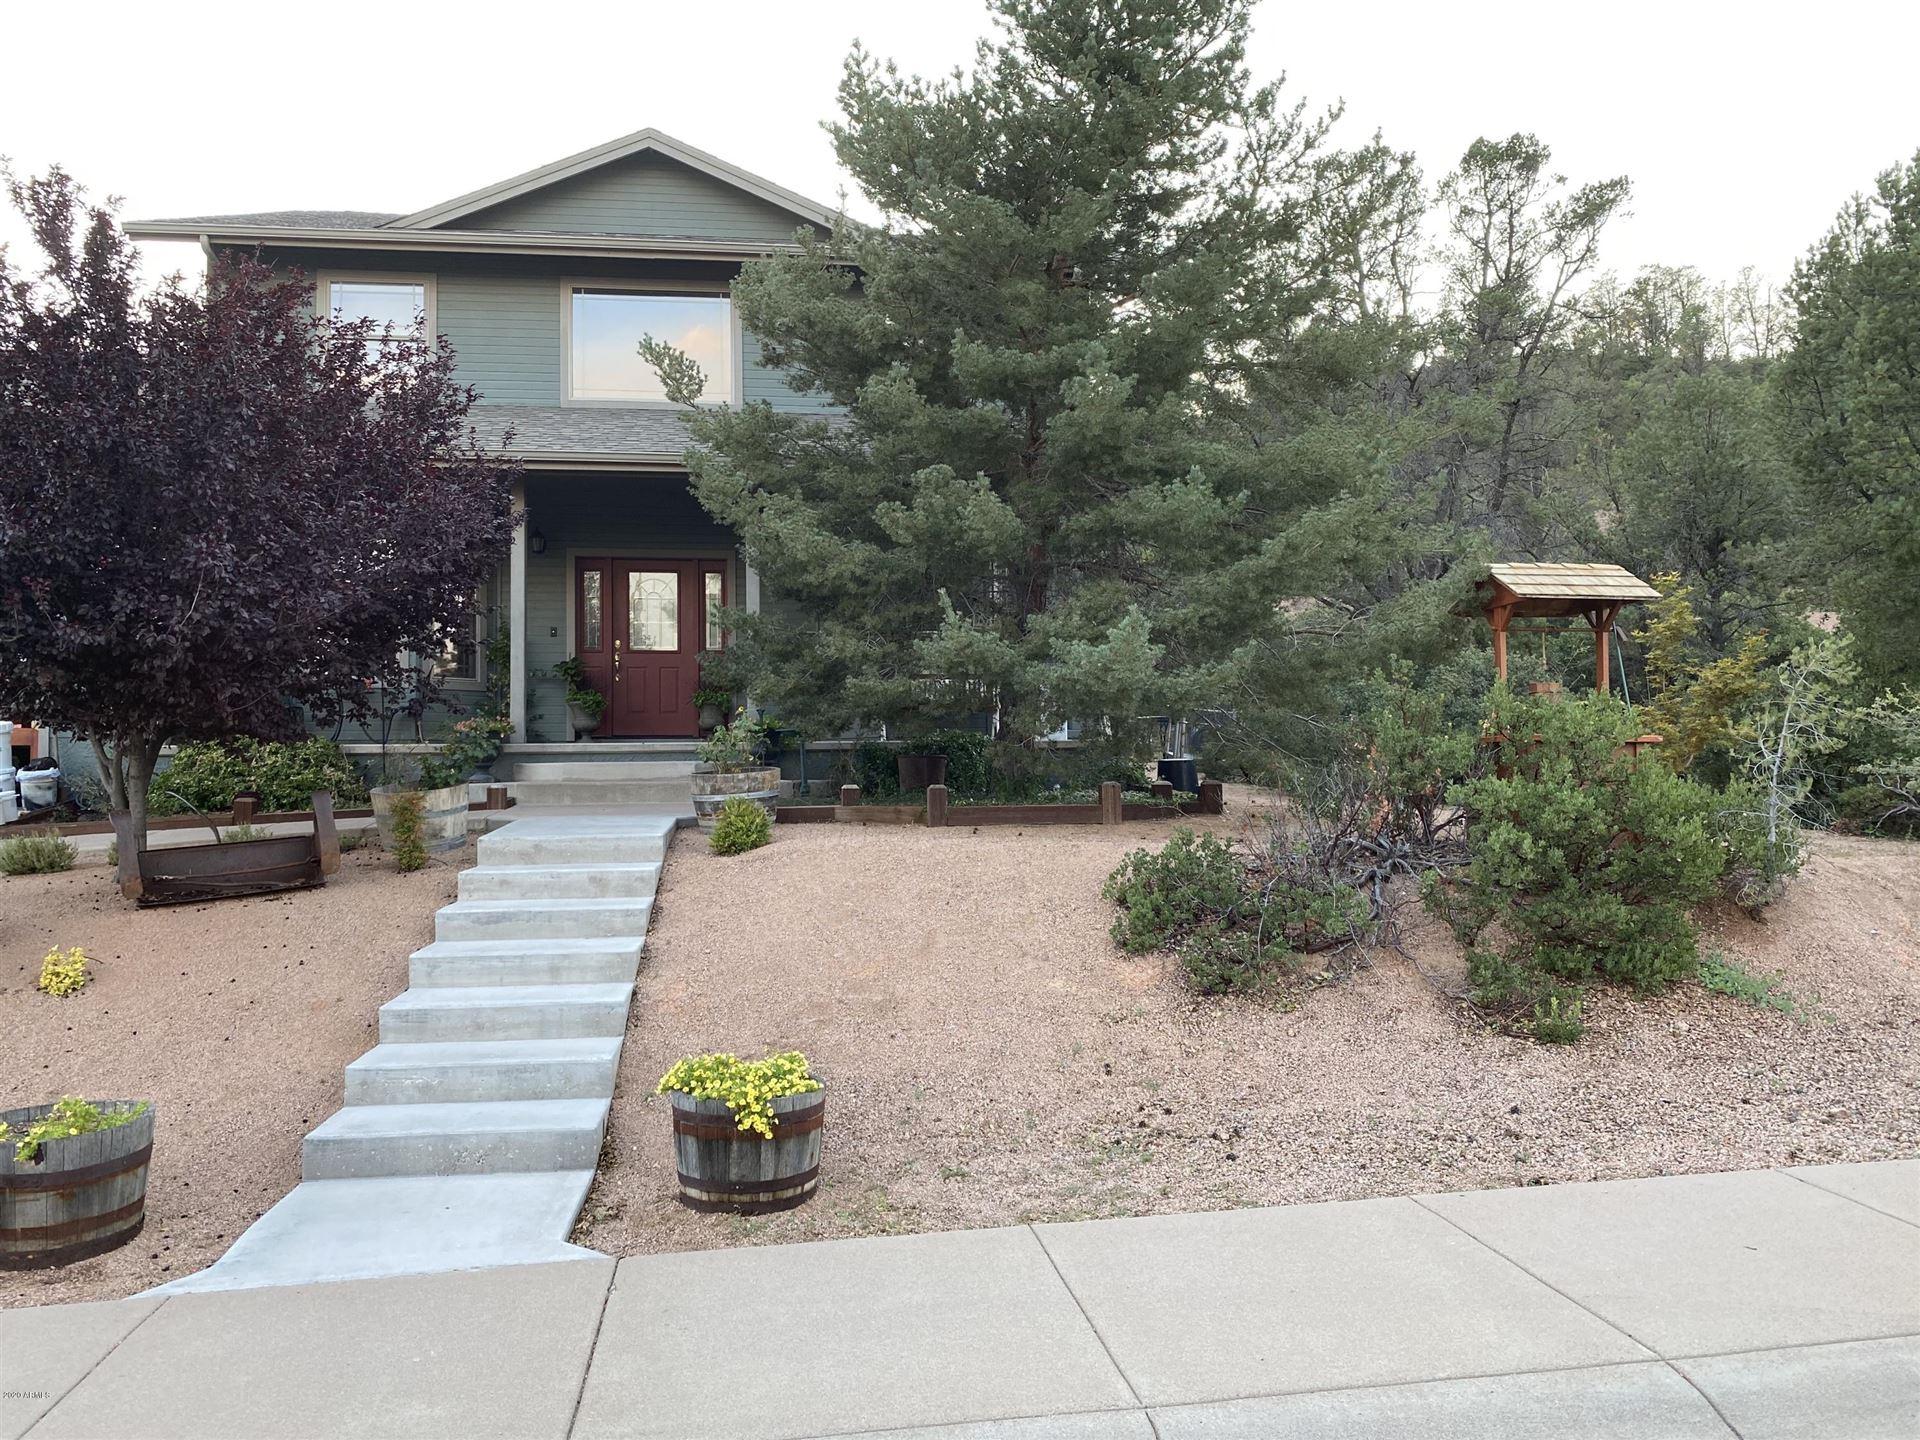 106 N MOGOLLON Trail, Payson, AZ 85541 - MLS#: 6127245